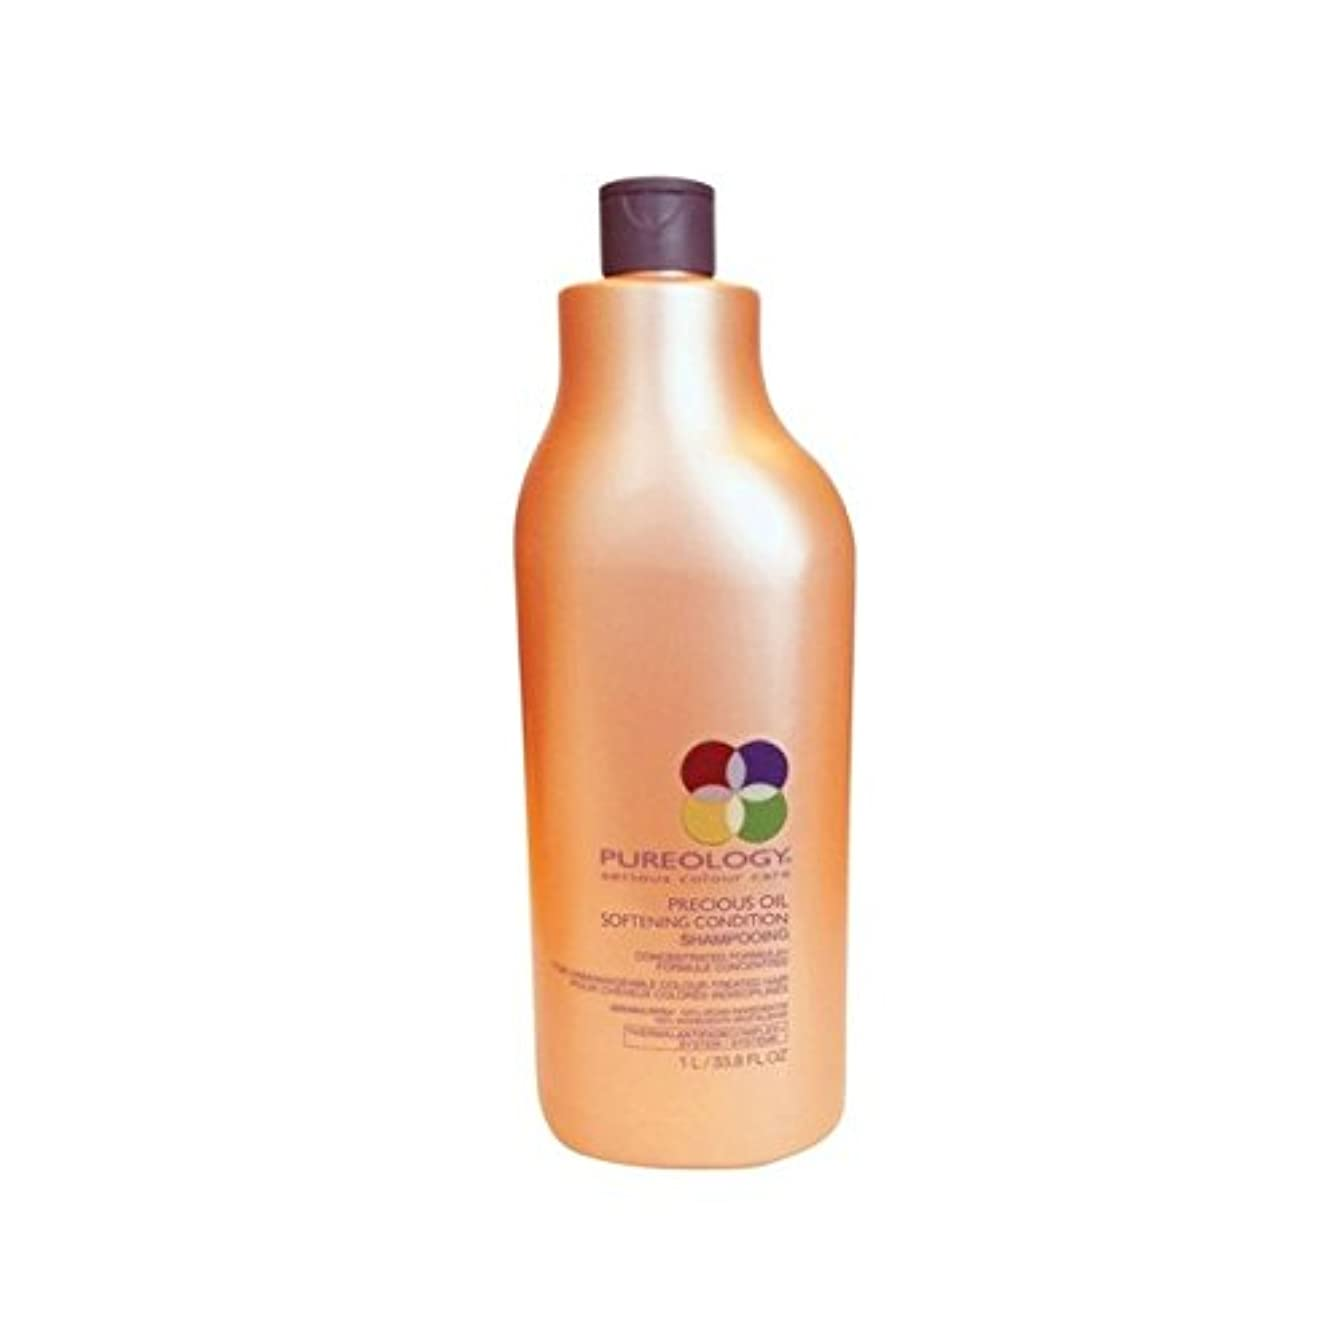 貴重なオイルコンディショナー(千ミリリットル) x2 - Pureology Precious Oil Conditioner (1000ml) (Pack of 2) [並行輸入品]